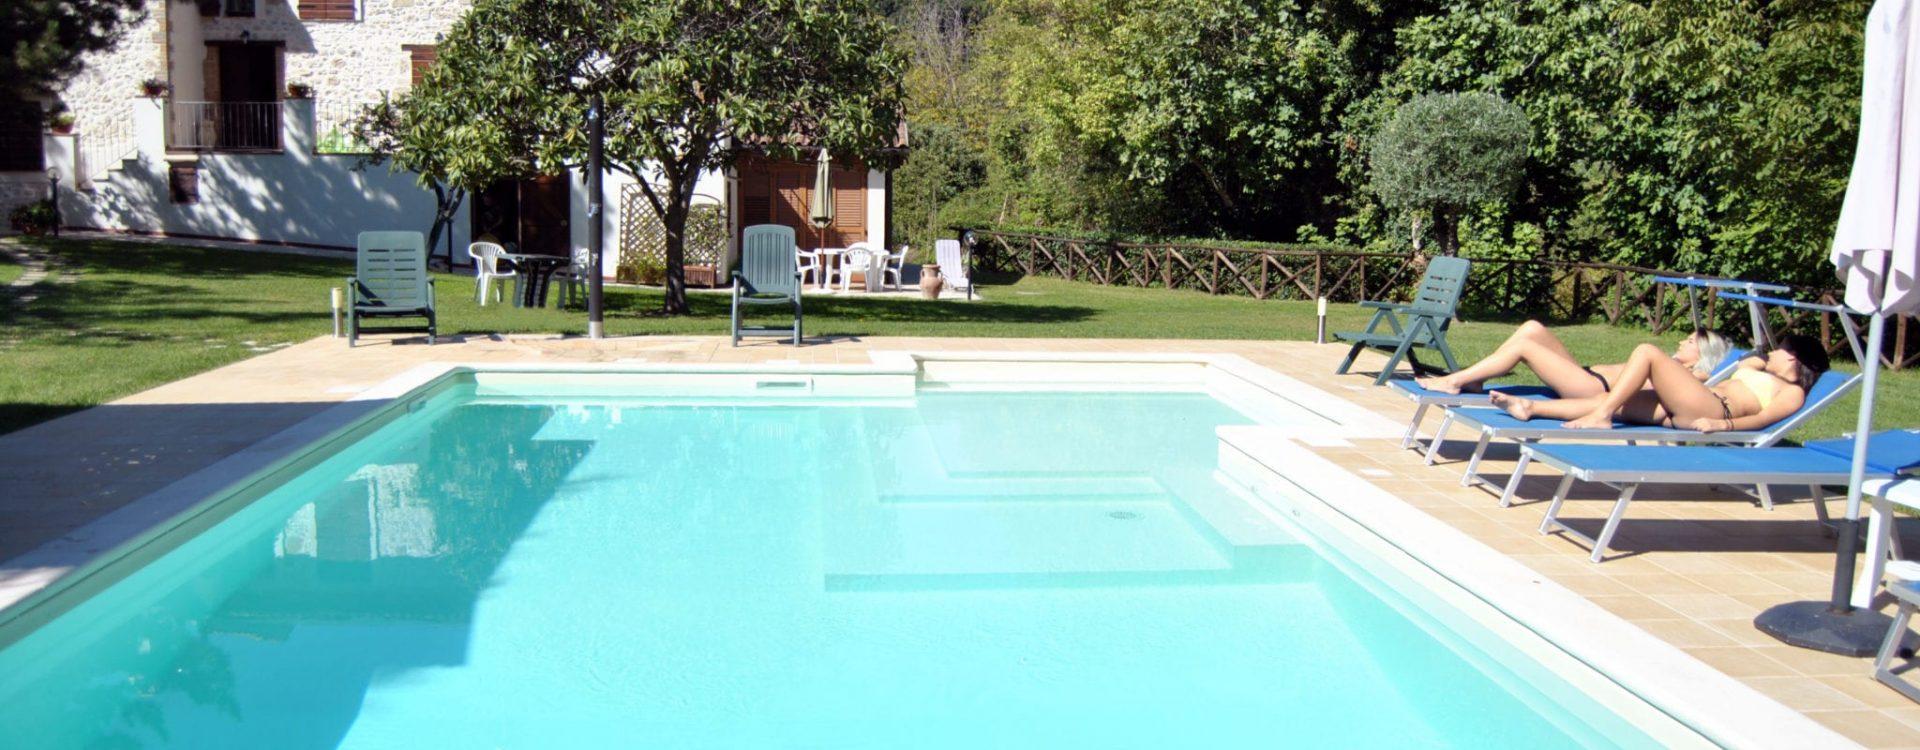 piscina ragazze 10